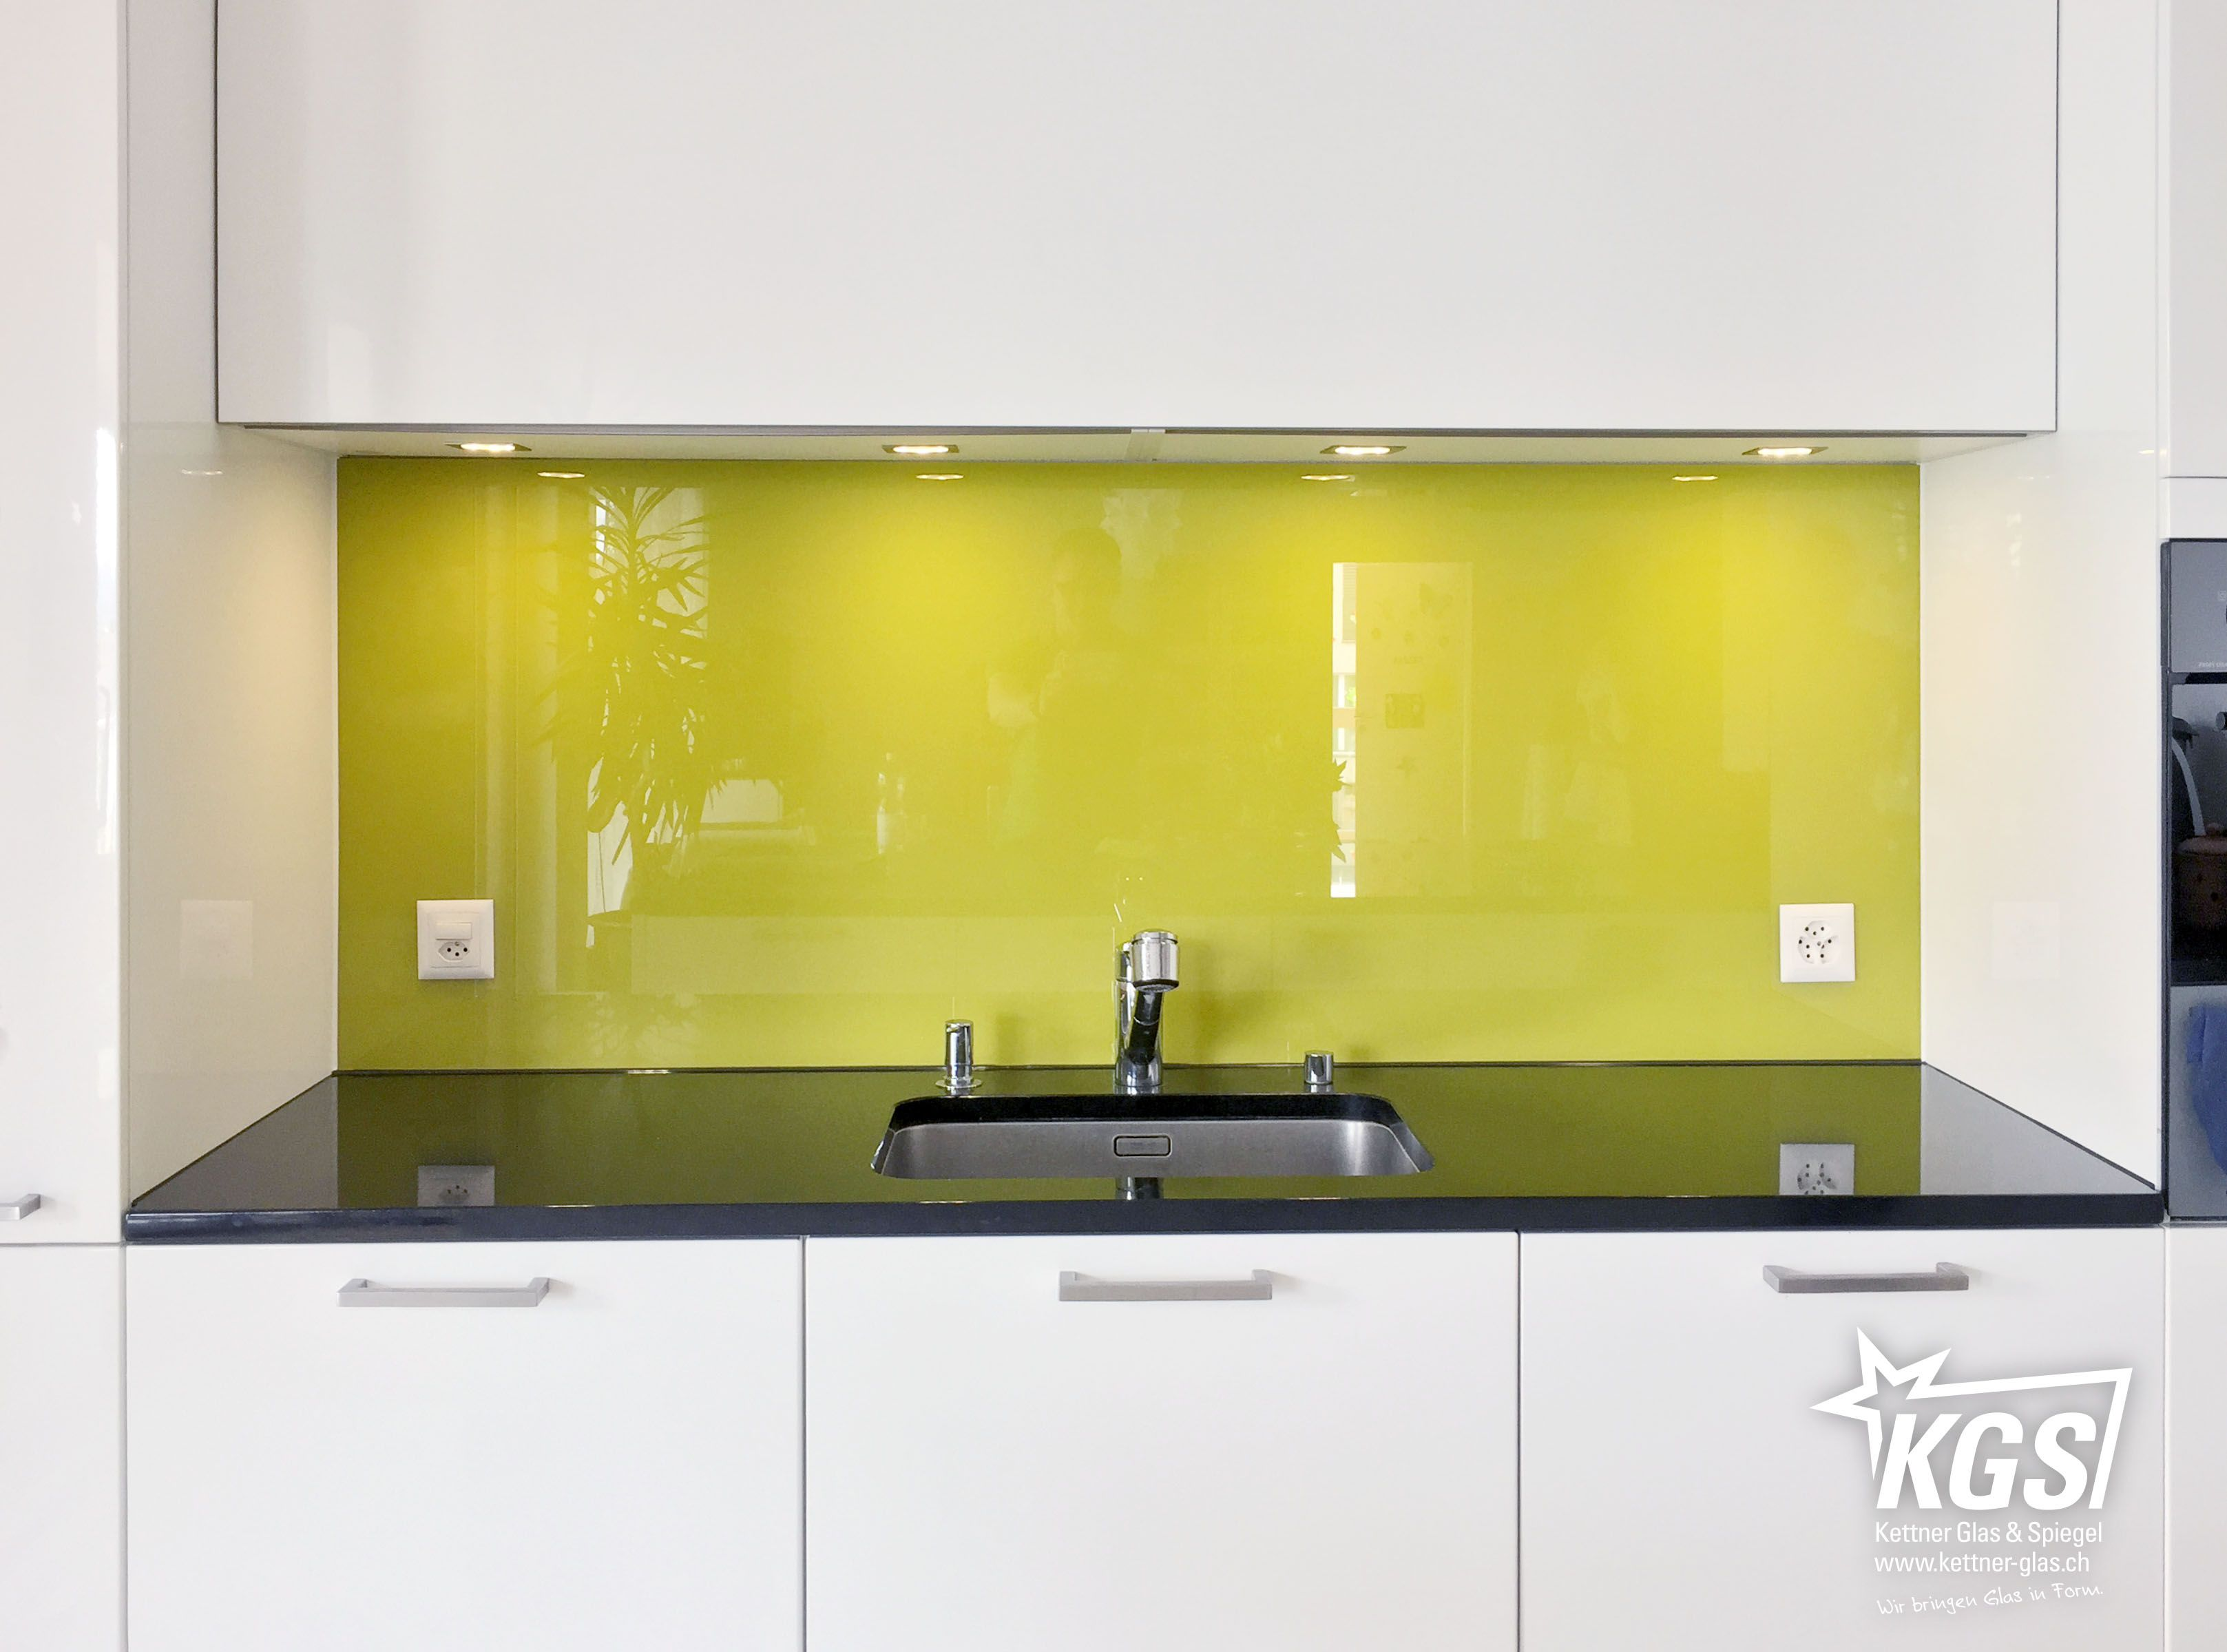 Echtglas-Küchenrückwand mit kt.COLOR 43.6 Olive-Lackierung auf ...